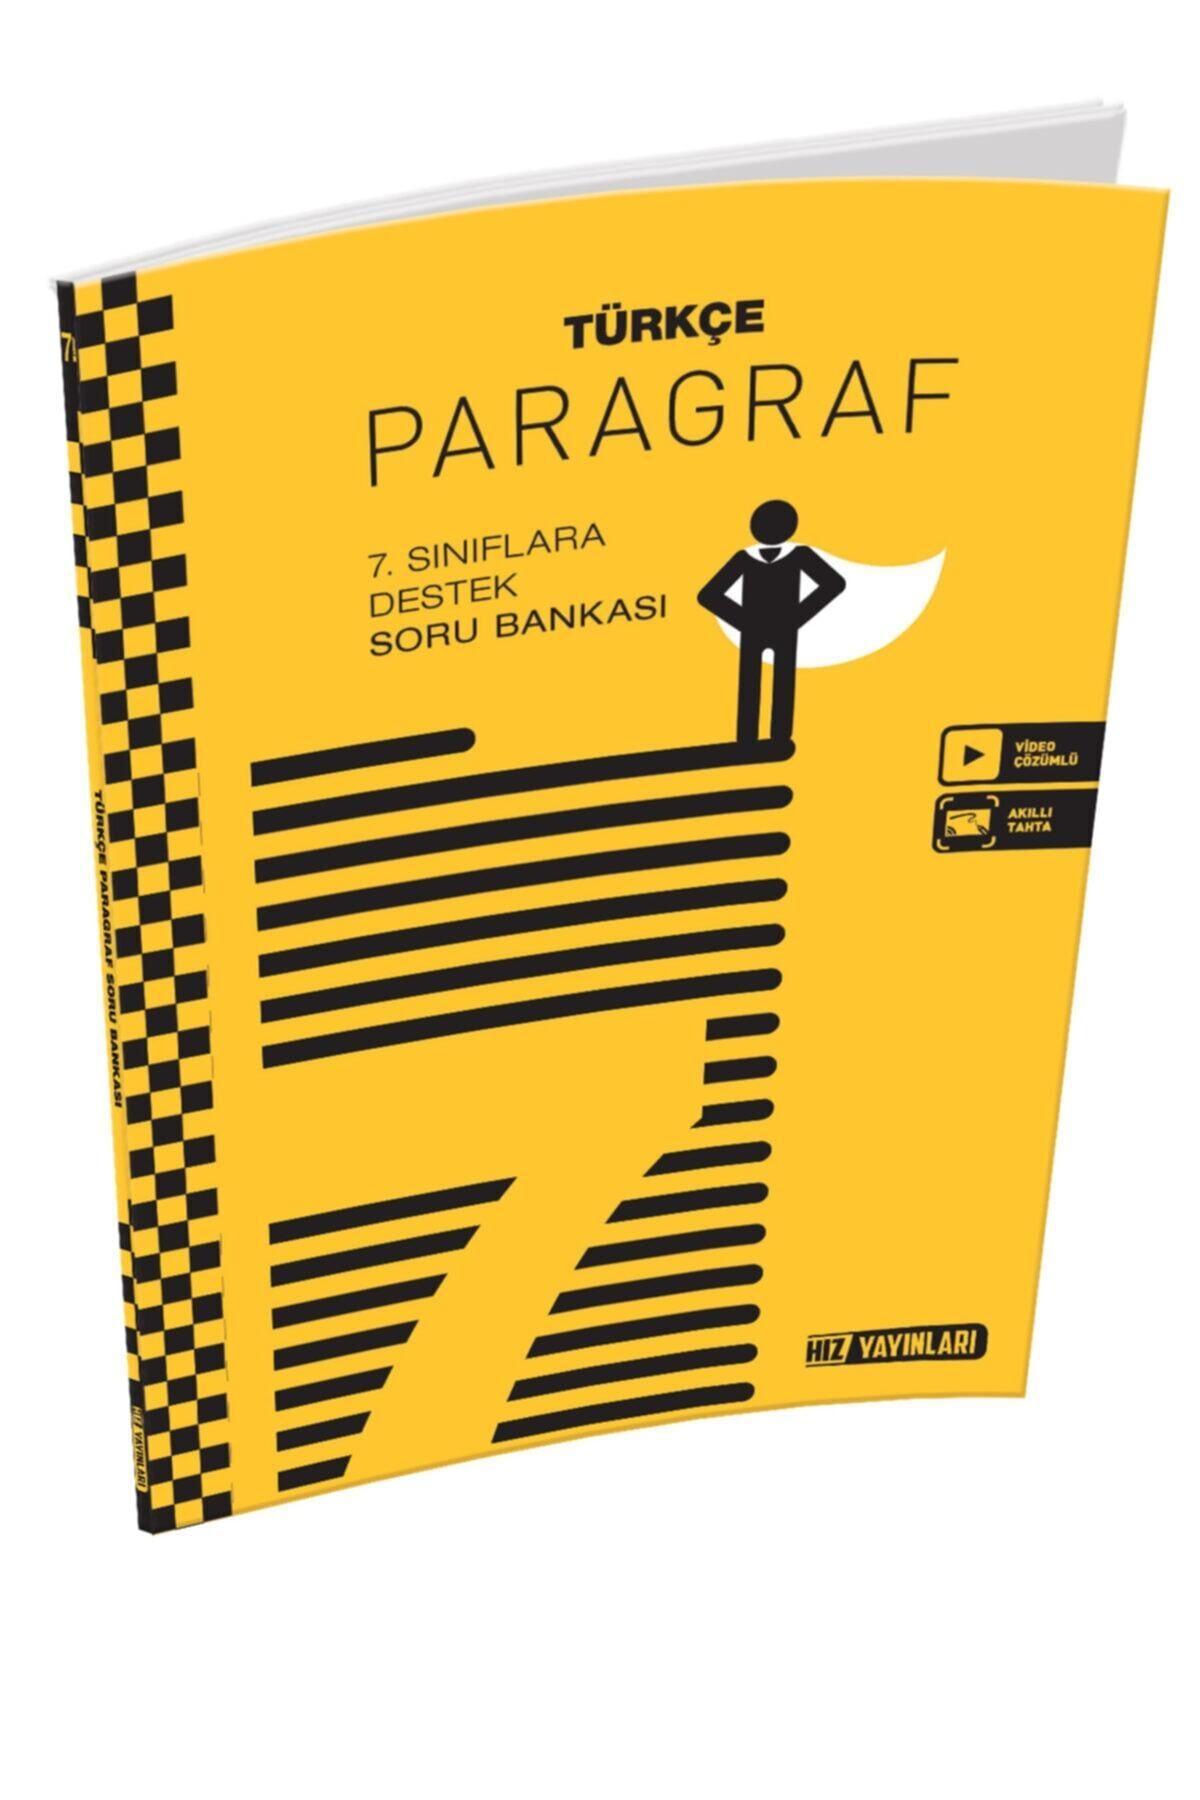 Hız Yayınları Hız 7.sınıf Türkçe Paragraf Soru Bankası 1